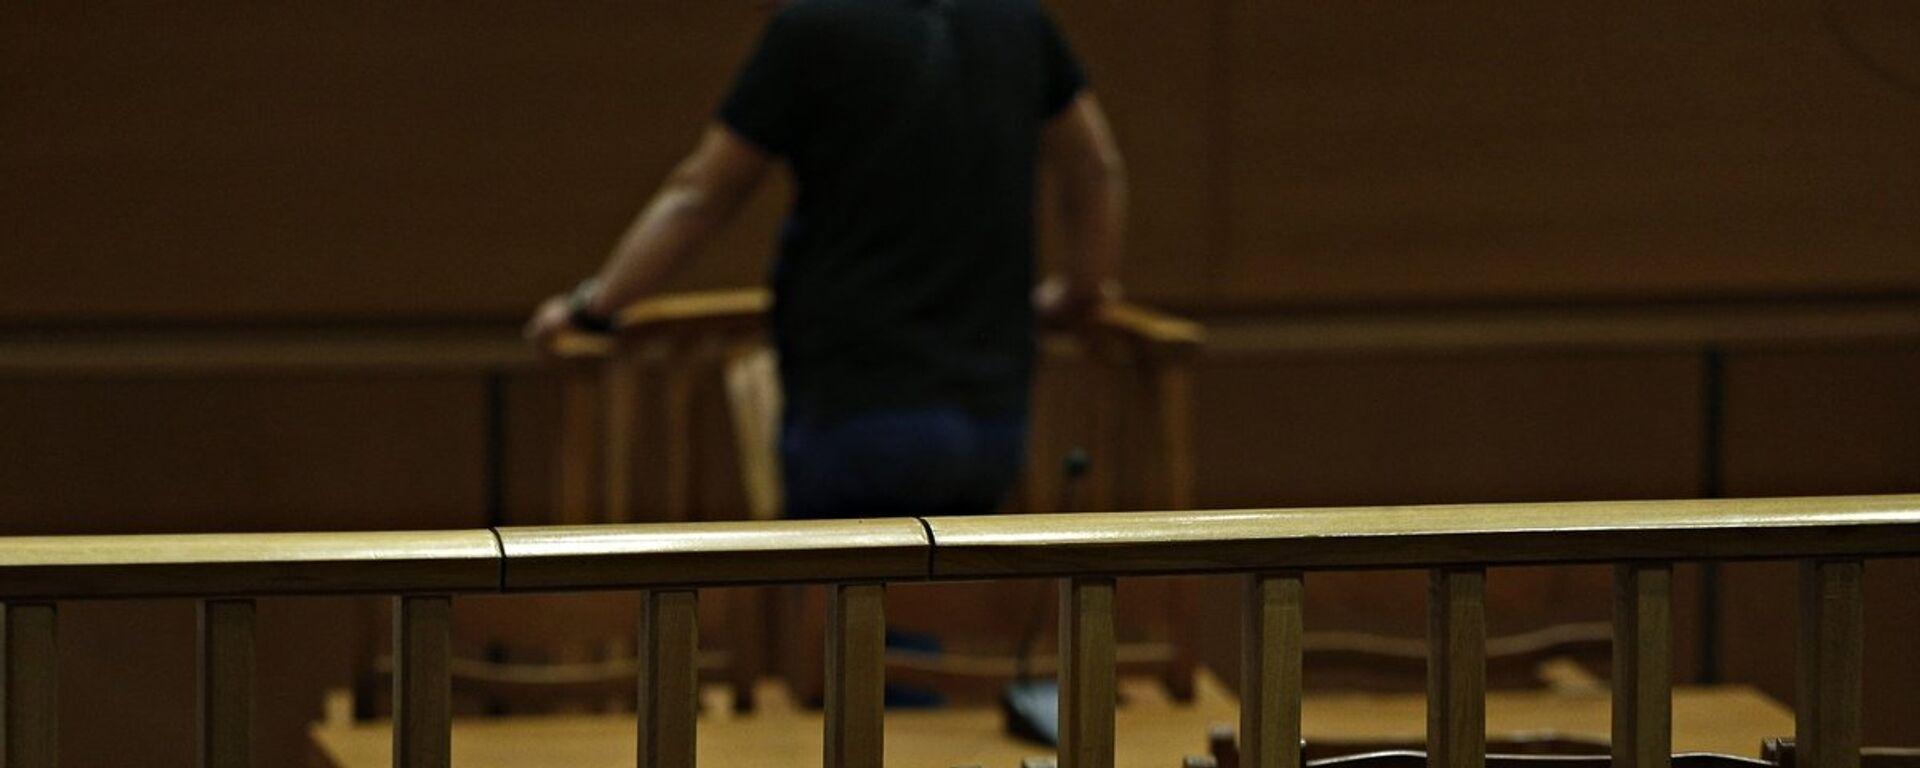 Αίθουσα δικαστηρίου - Sputnik Ελλάδα, 1920, 06.09.2021